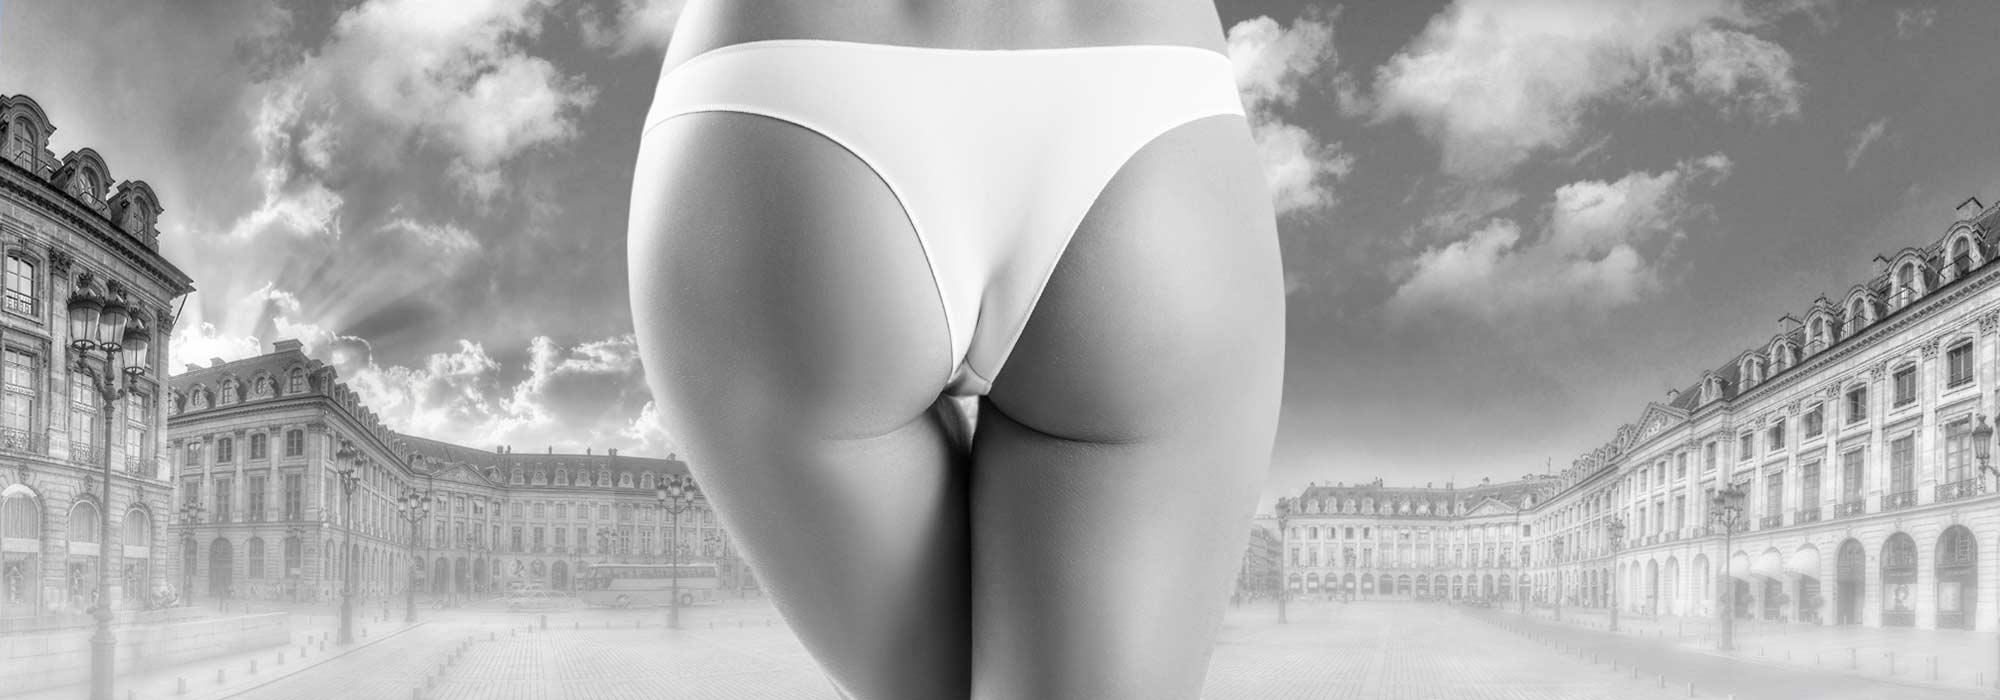 Sculpter les fesses EMSCULPT Paris